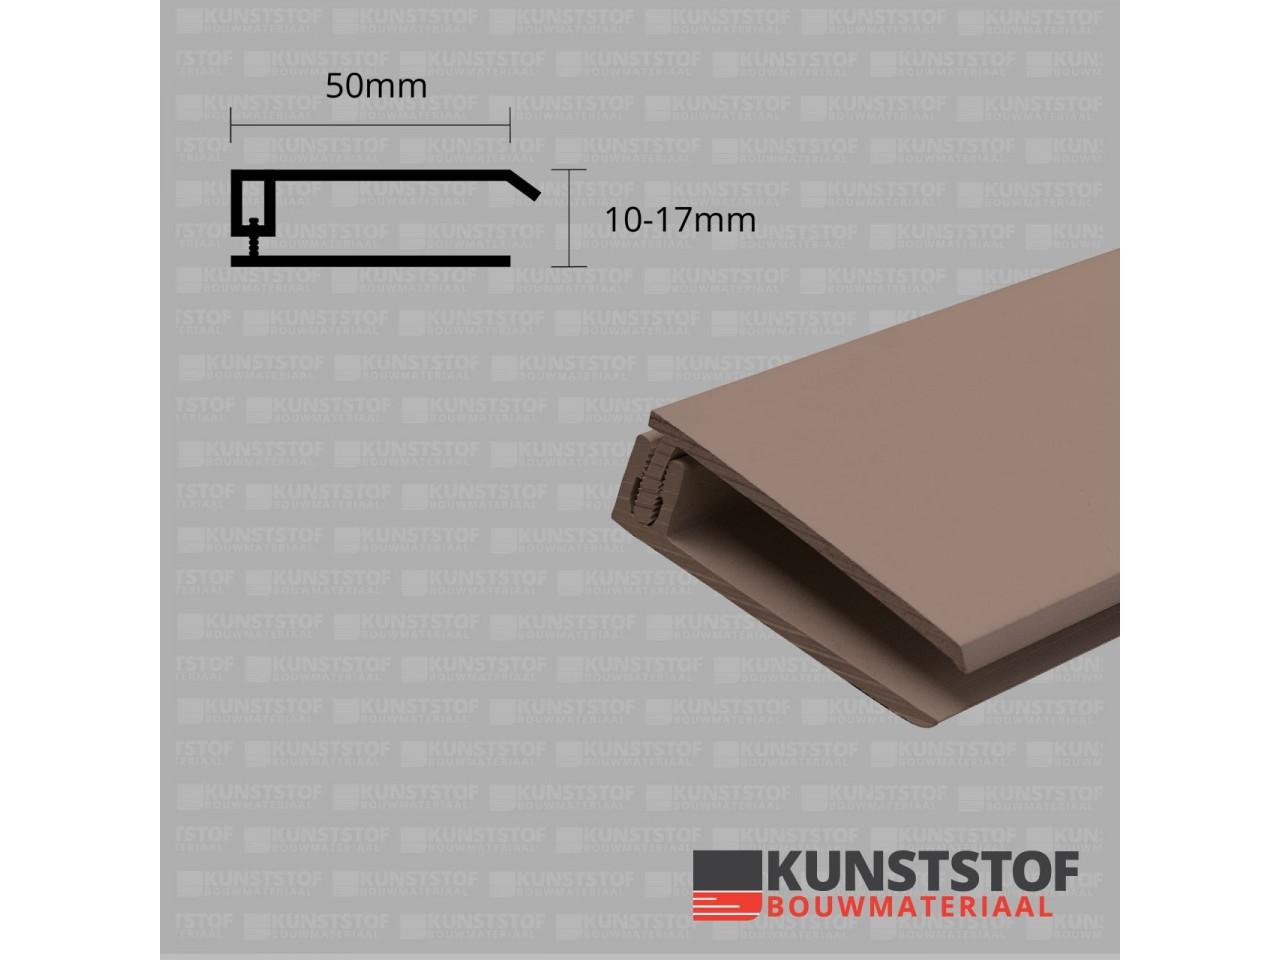 Eurotexx Dubbel Rabat - potdeksel 50mm eindprofiel kunststof gevelbekleding in de kleur  olijf donker bruin